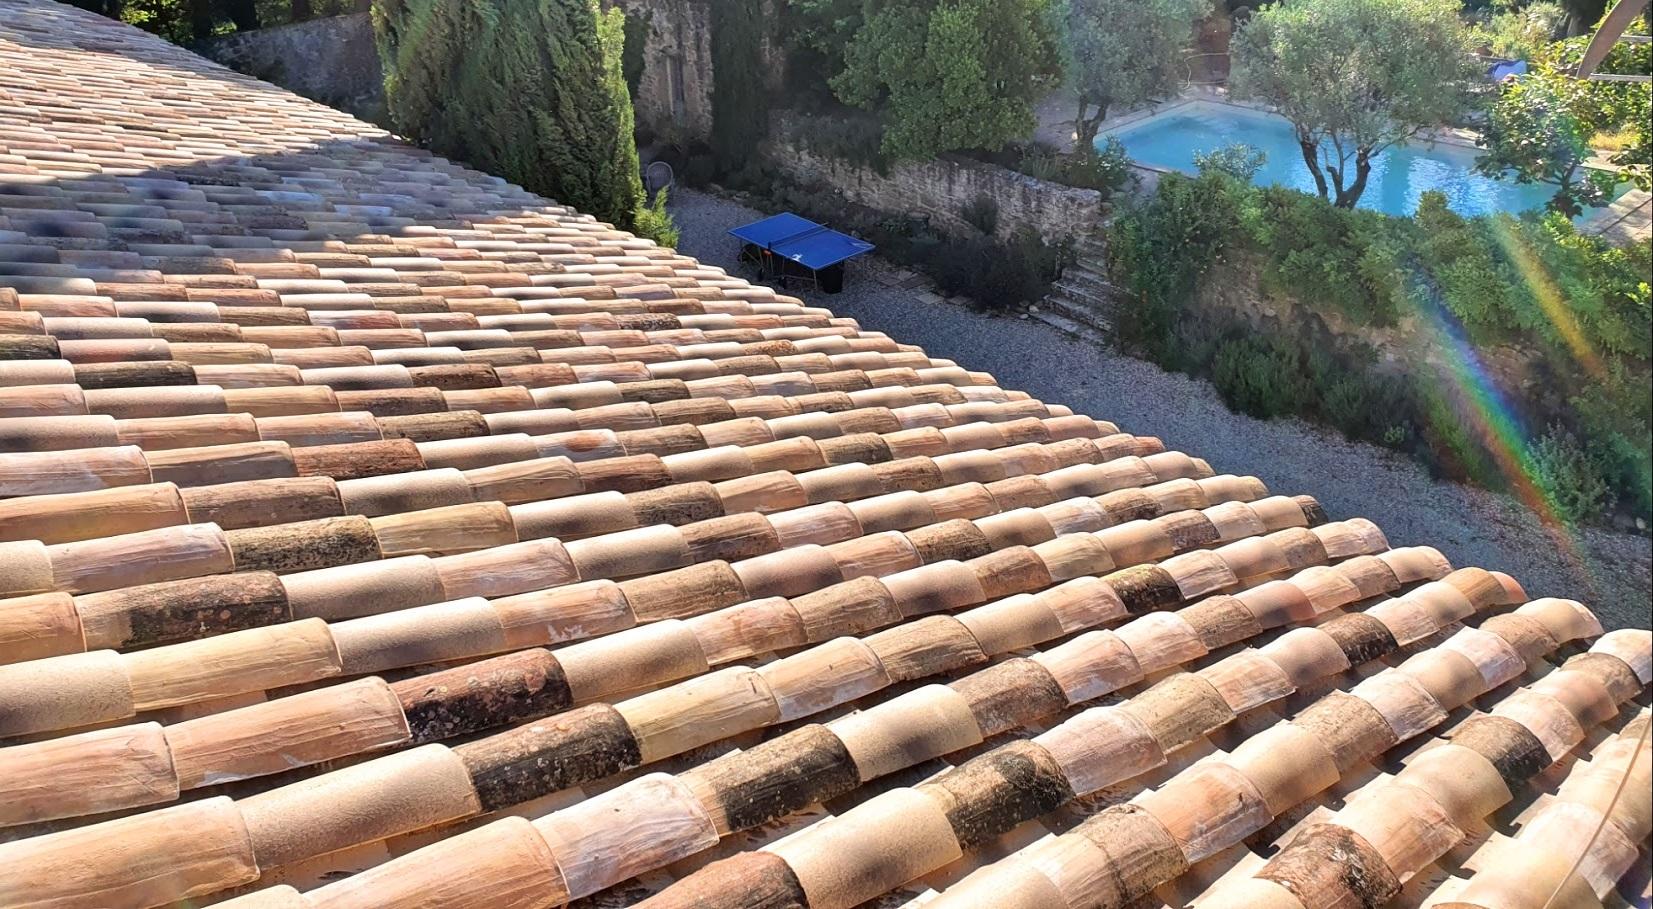 Rénovation de toiture tuiles anciennes à Carpentras - Art Toiture